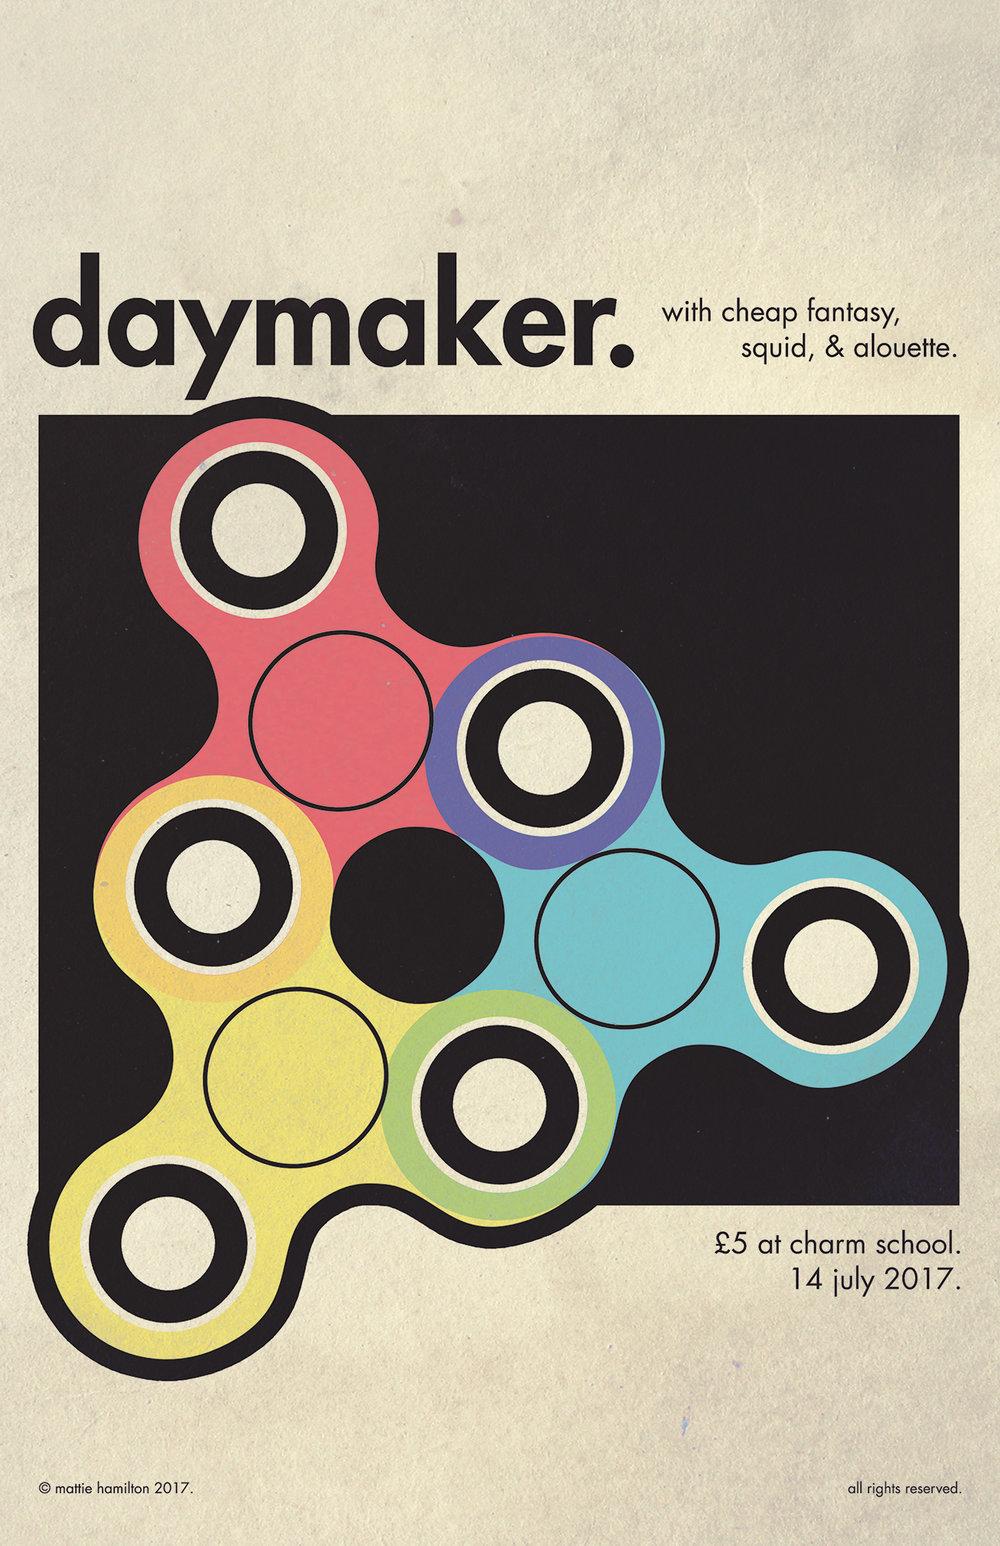 daymakerposter.jpg